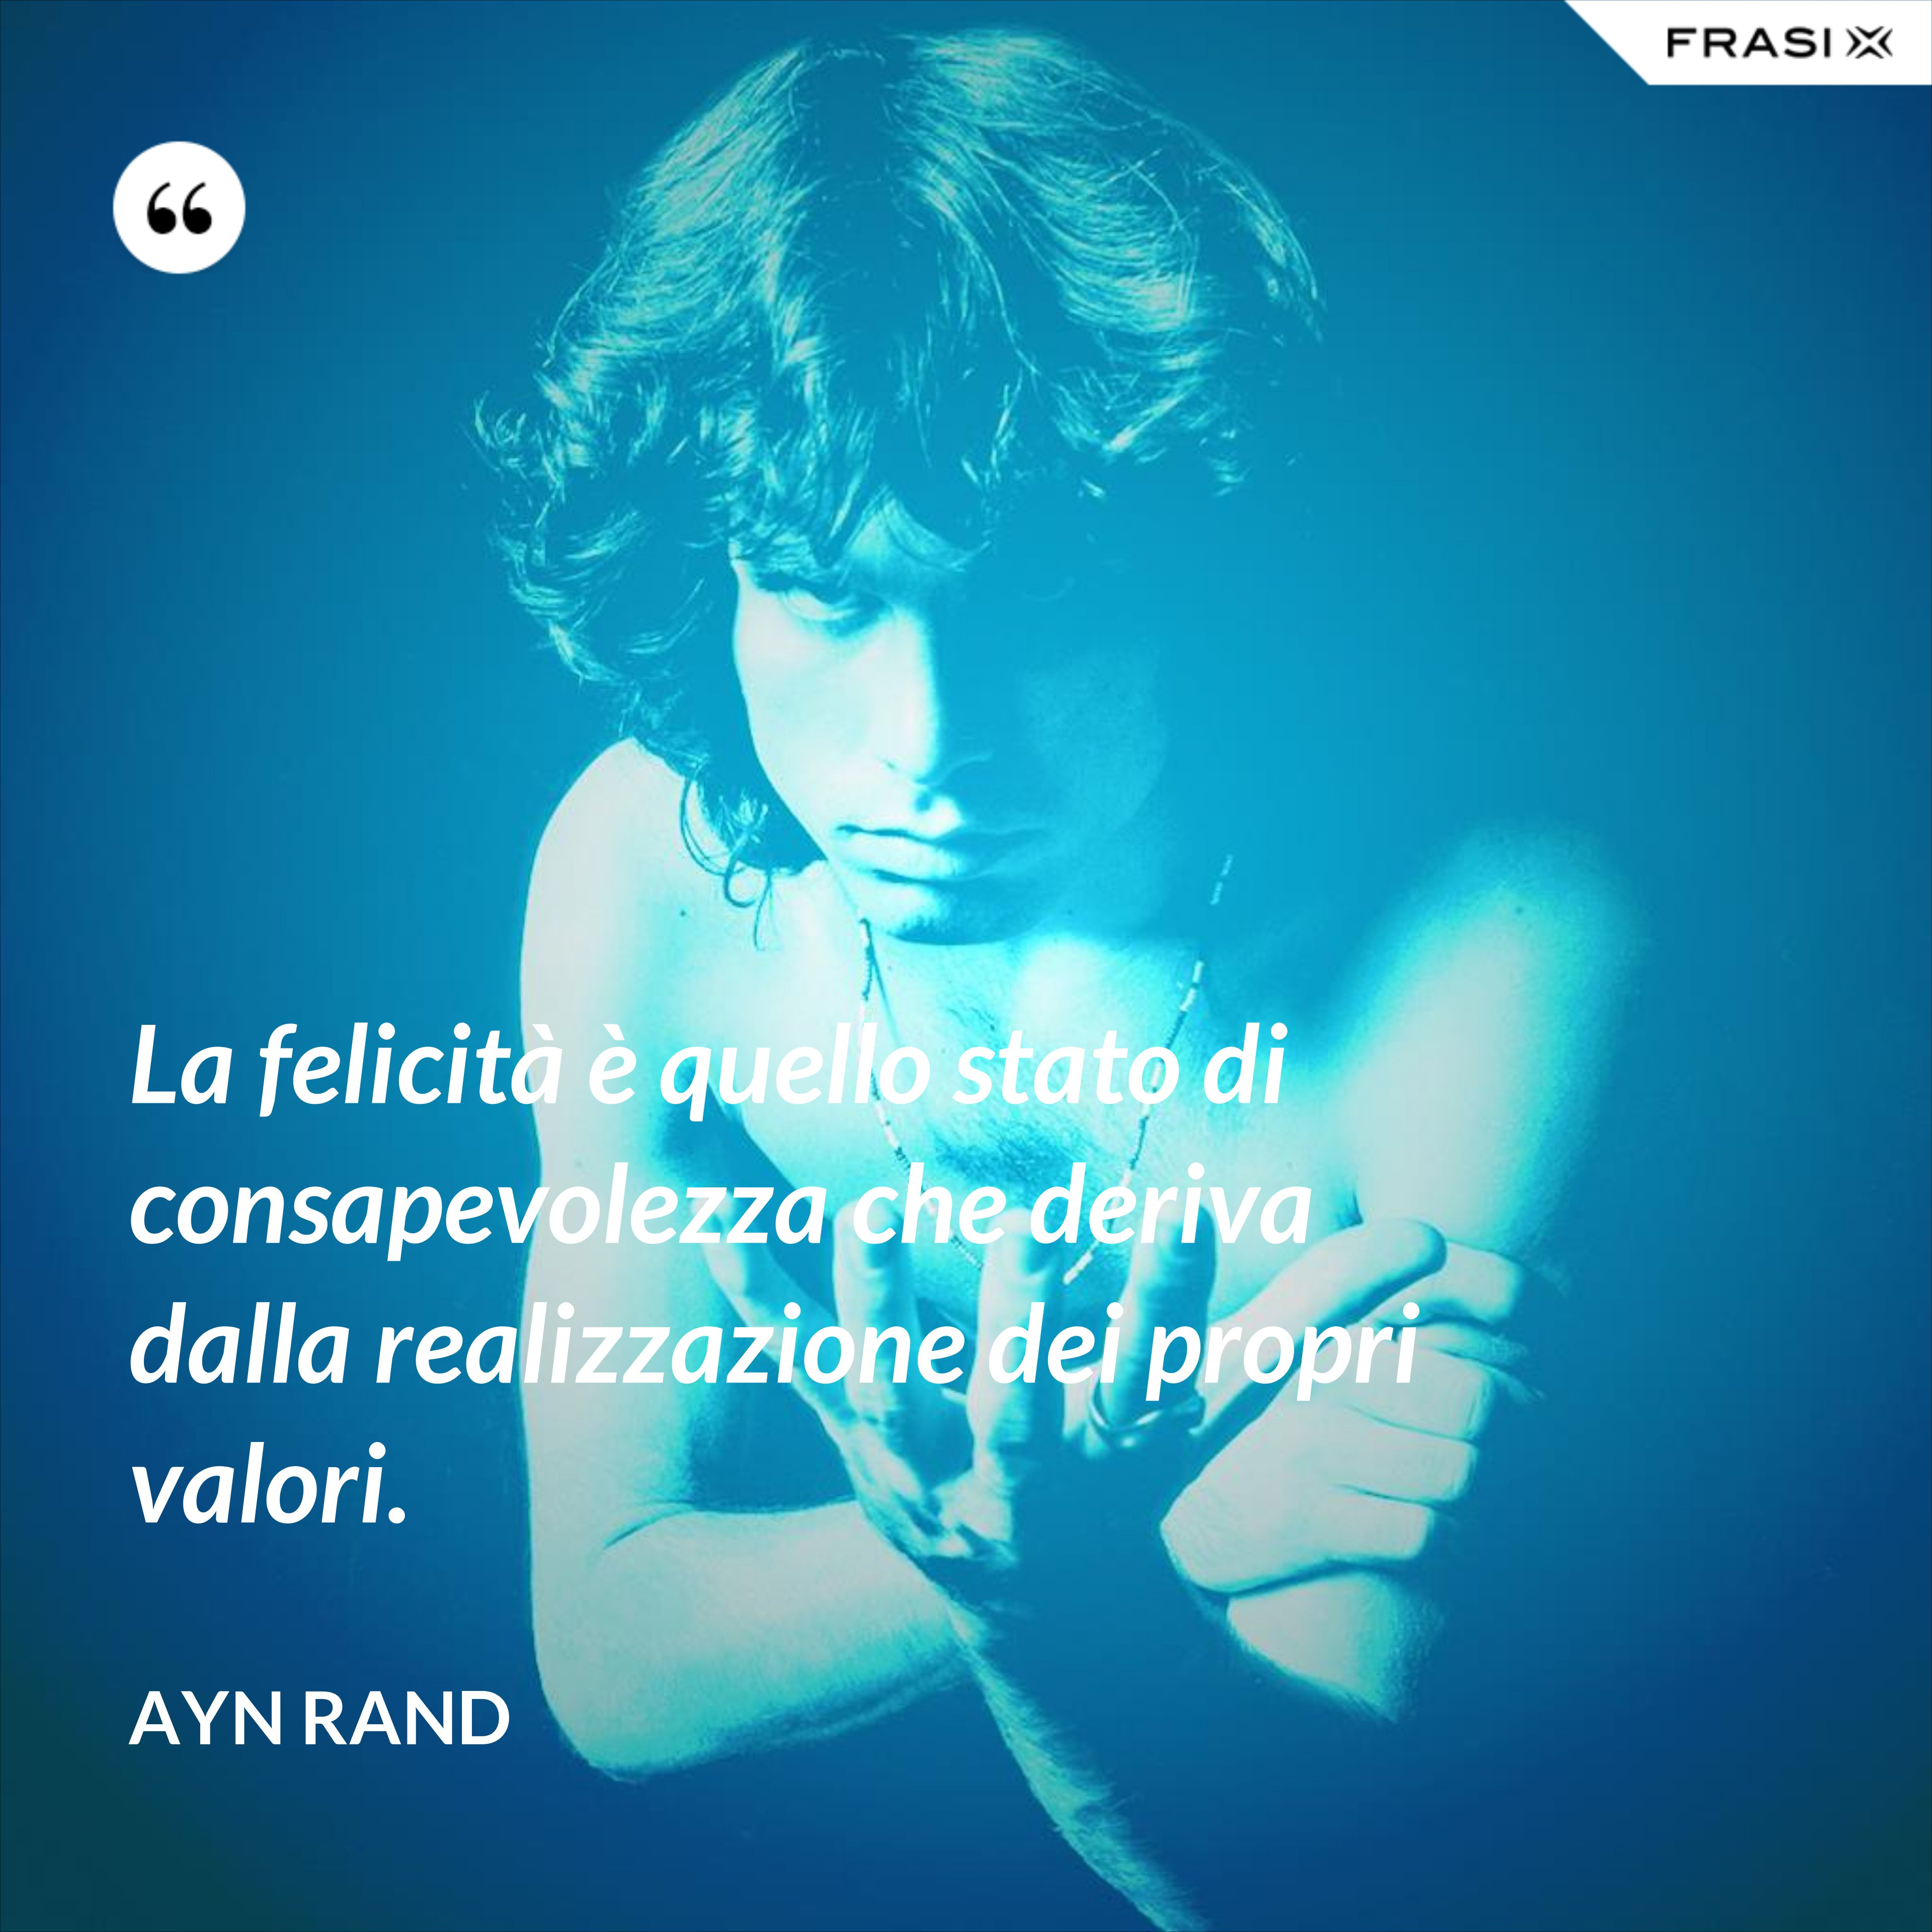 La felicità è quello stato di consapevolezza che deriva dalla realizzazione dei propri valori. - Ayn Rand